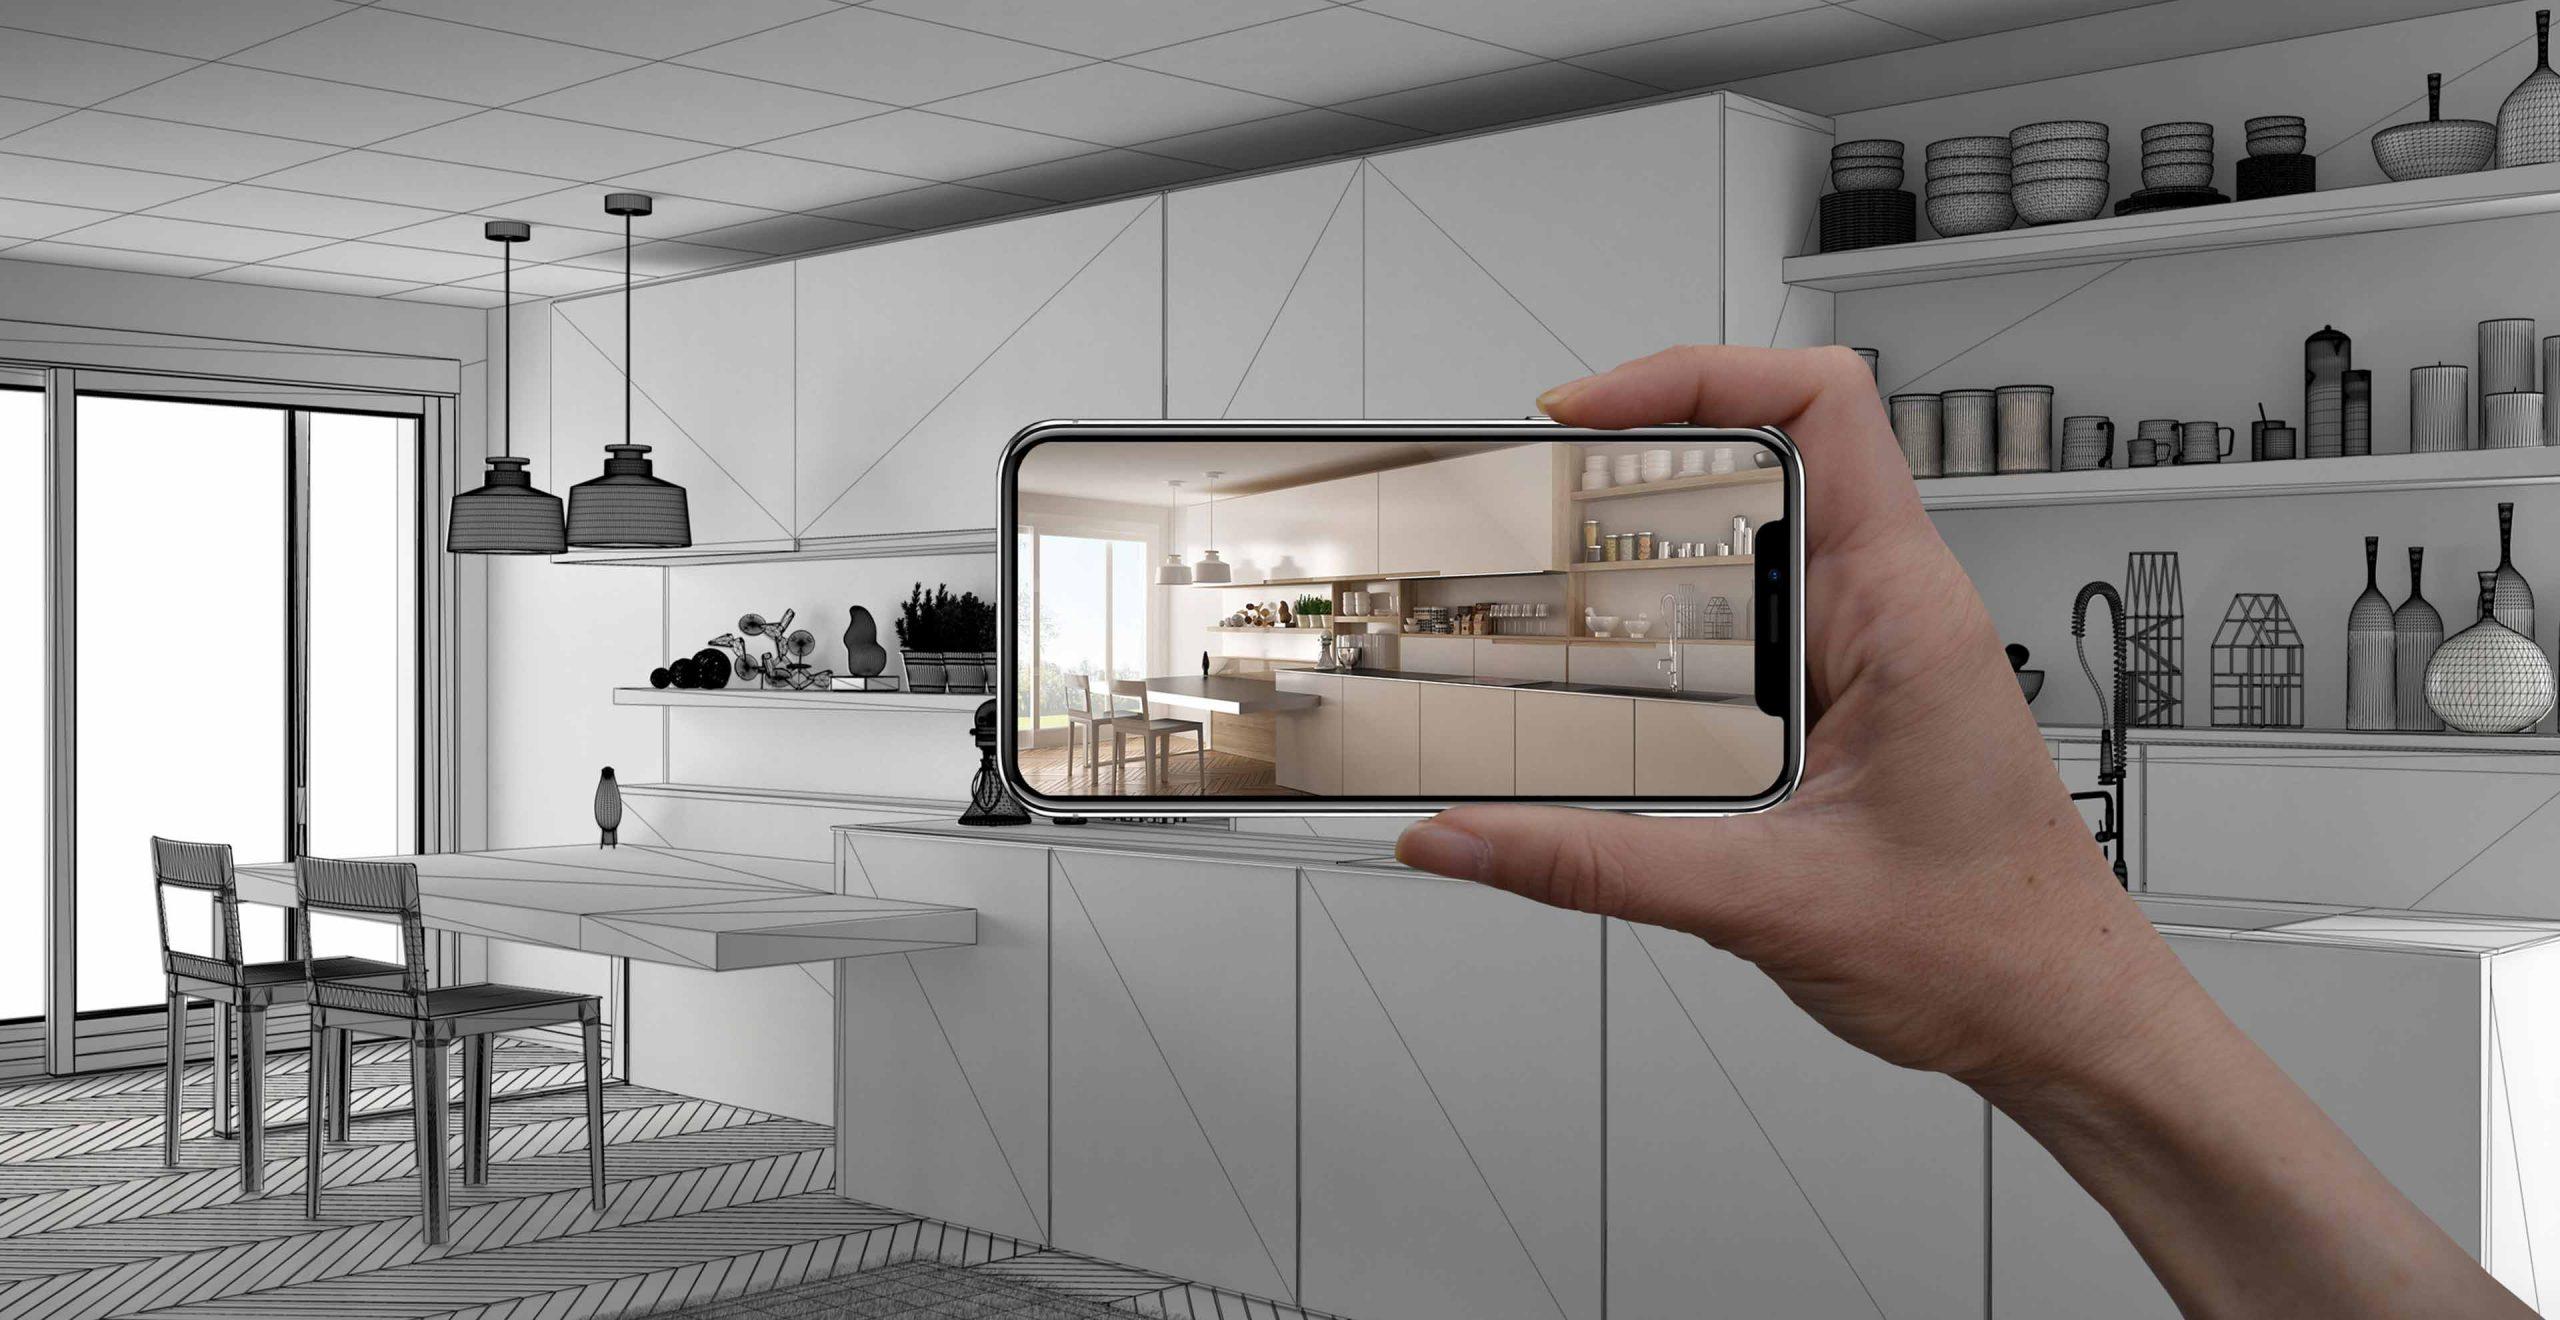 Full Size of Küche Planen Programm Kostenlos Deckenbeleuchtung Küche Planen Download Küche Planen Kostenlos Outdoor Küche Planen Software Küche Küche Planen